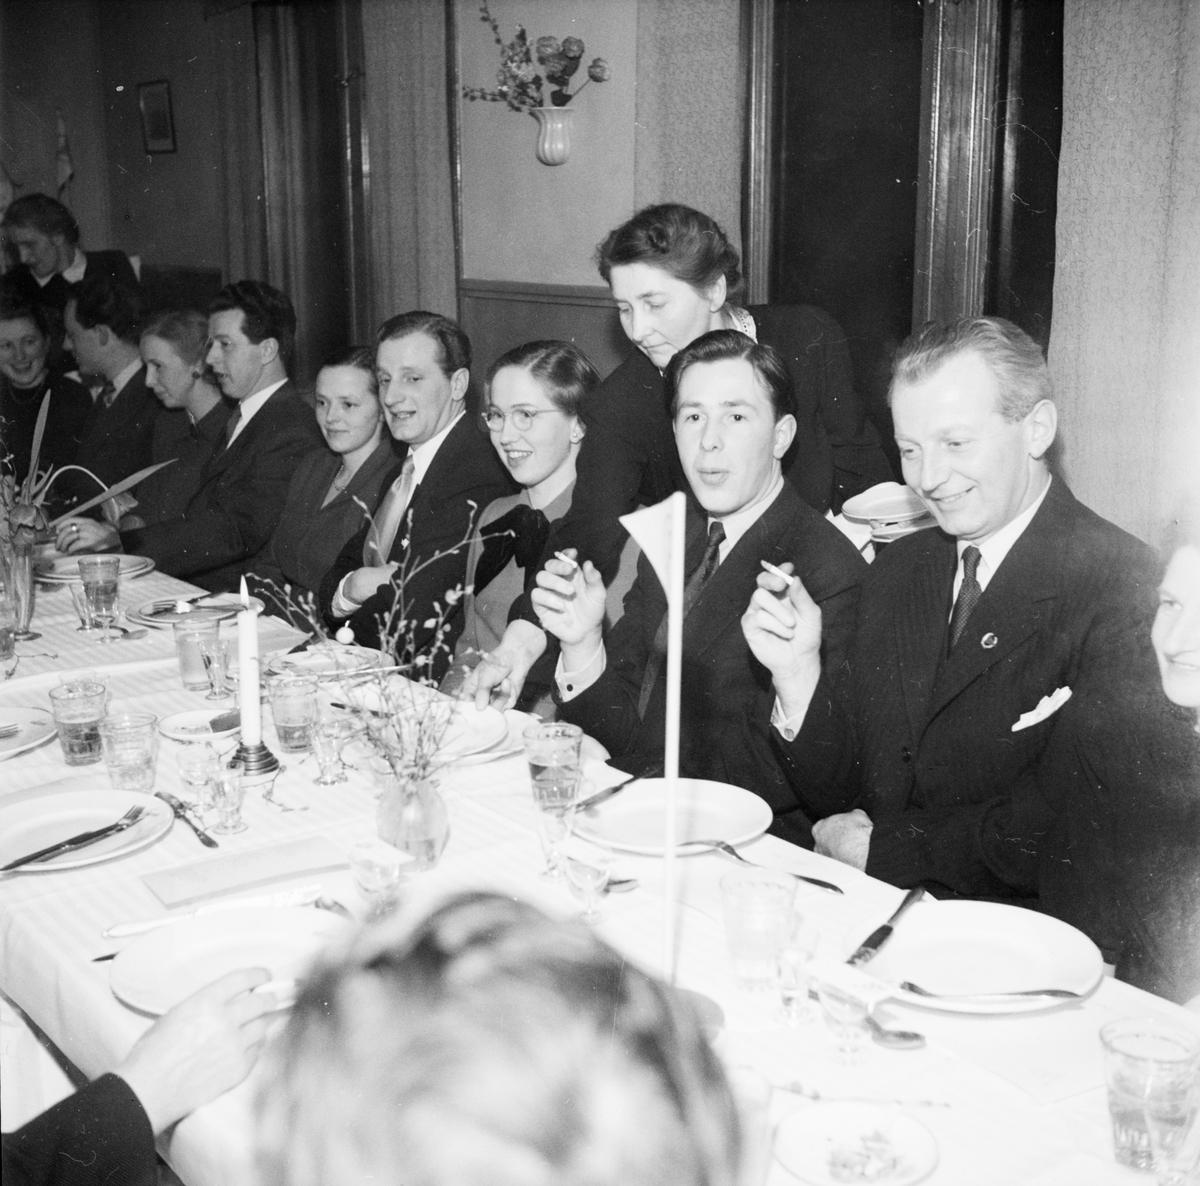 Kanotsällskapet Ägirs 20 årsjubileum, Uppsala 1949